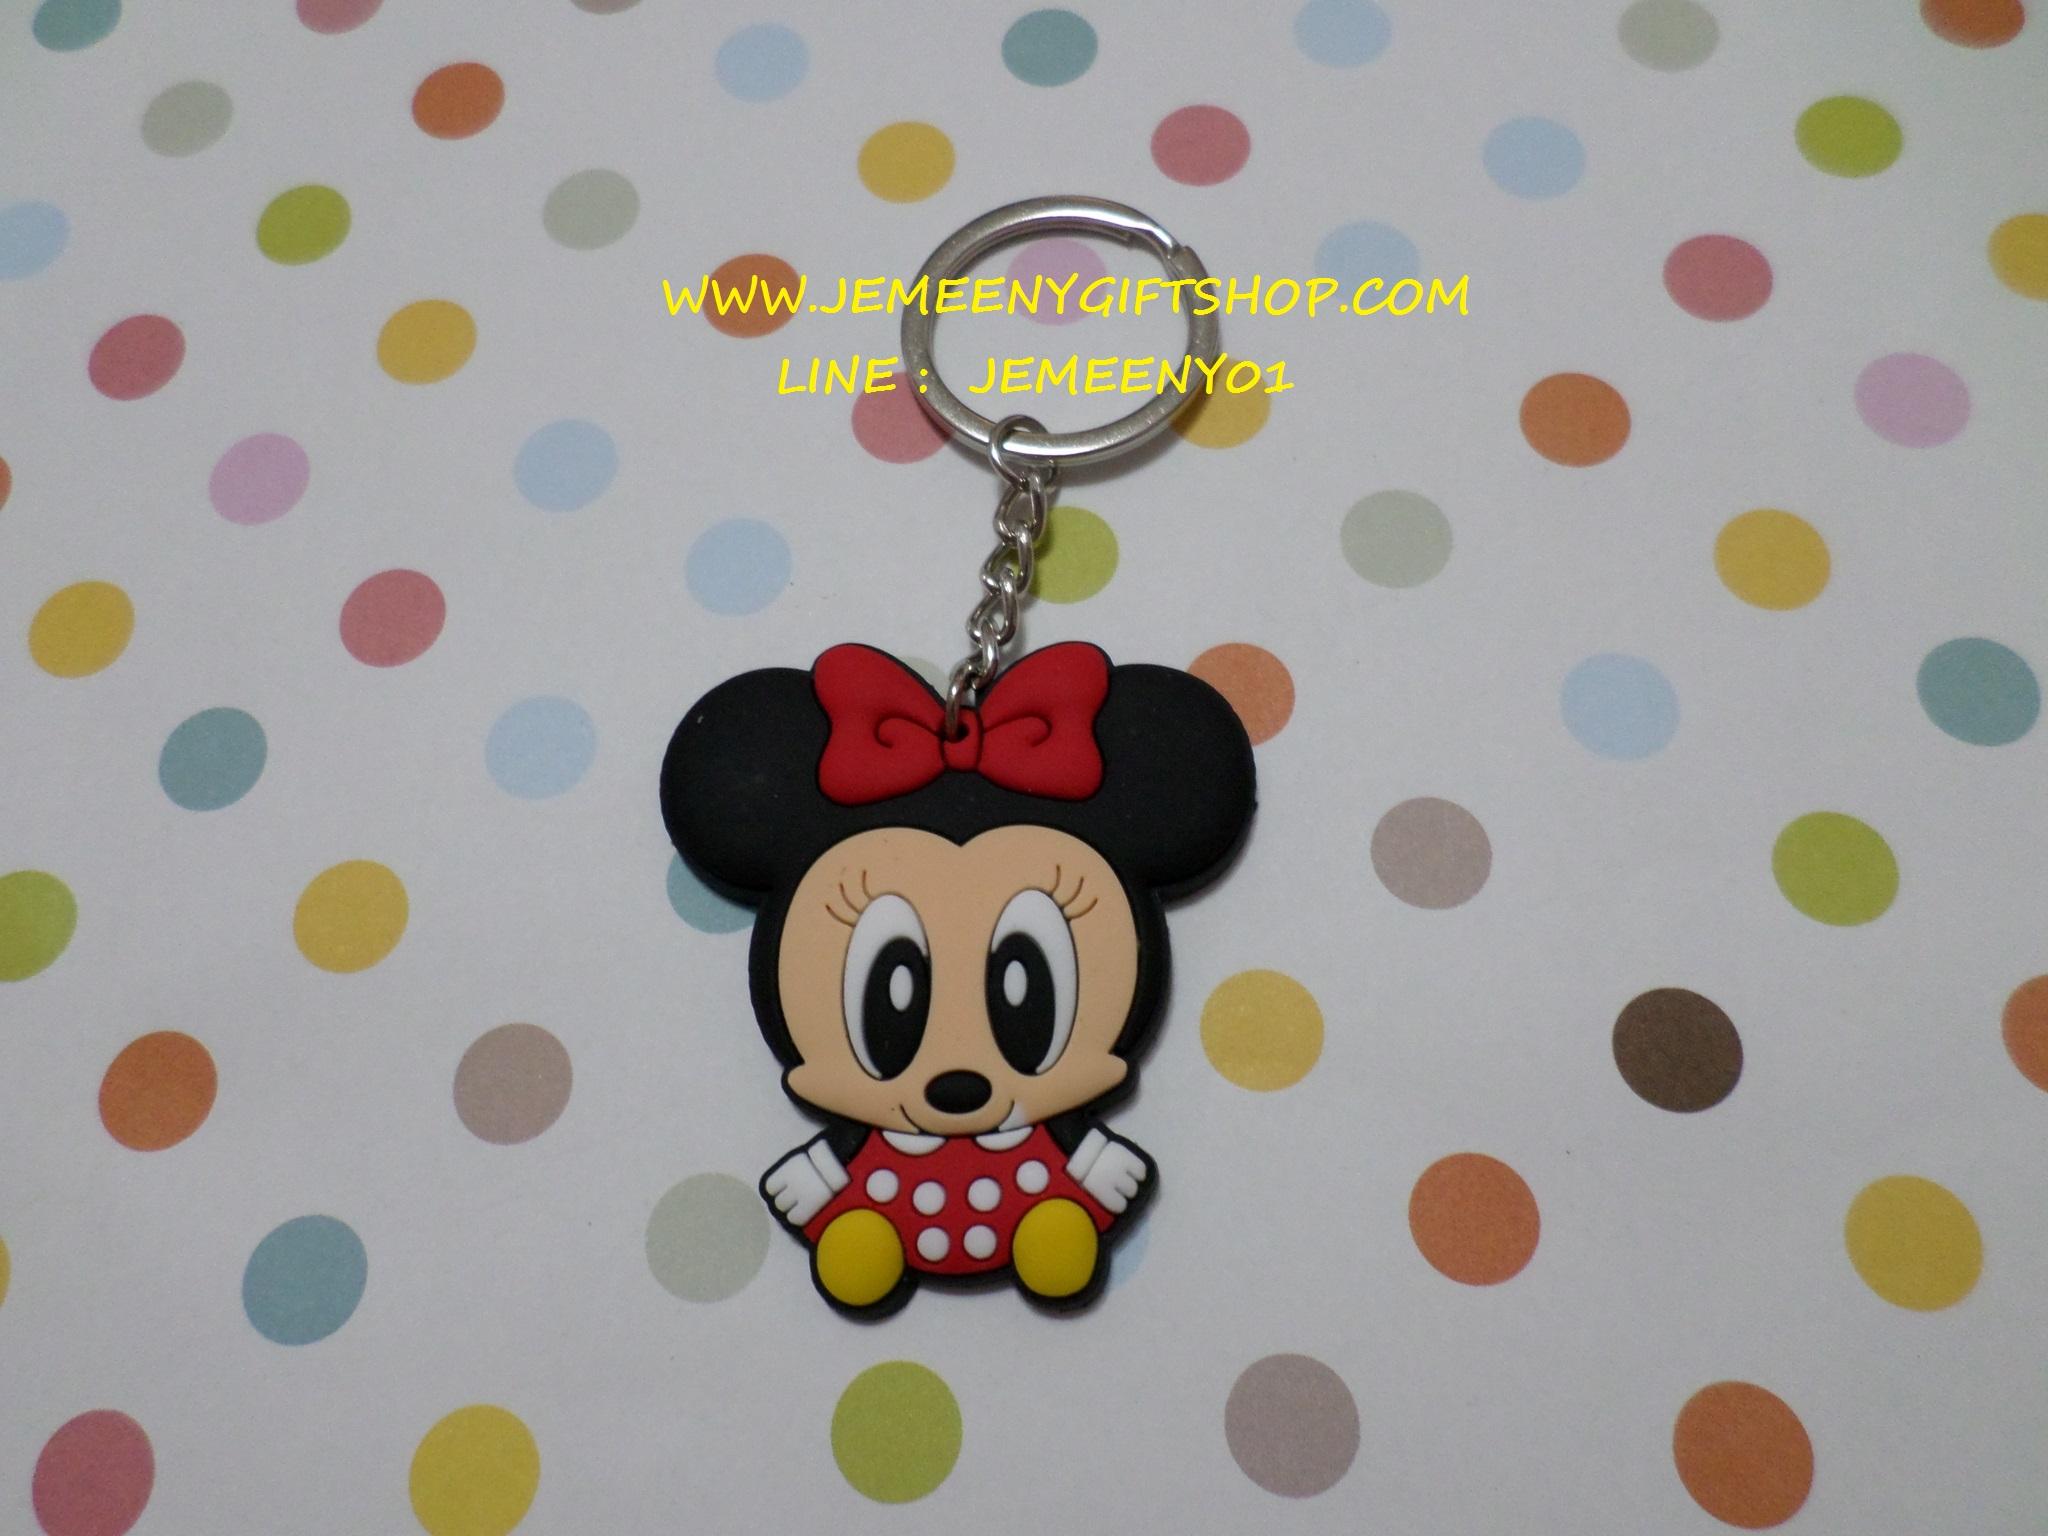 ที่ห้อยพวงกุญแจ ลายมินนี่เม้าส์ Minnie mouse